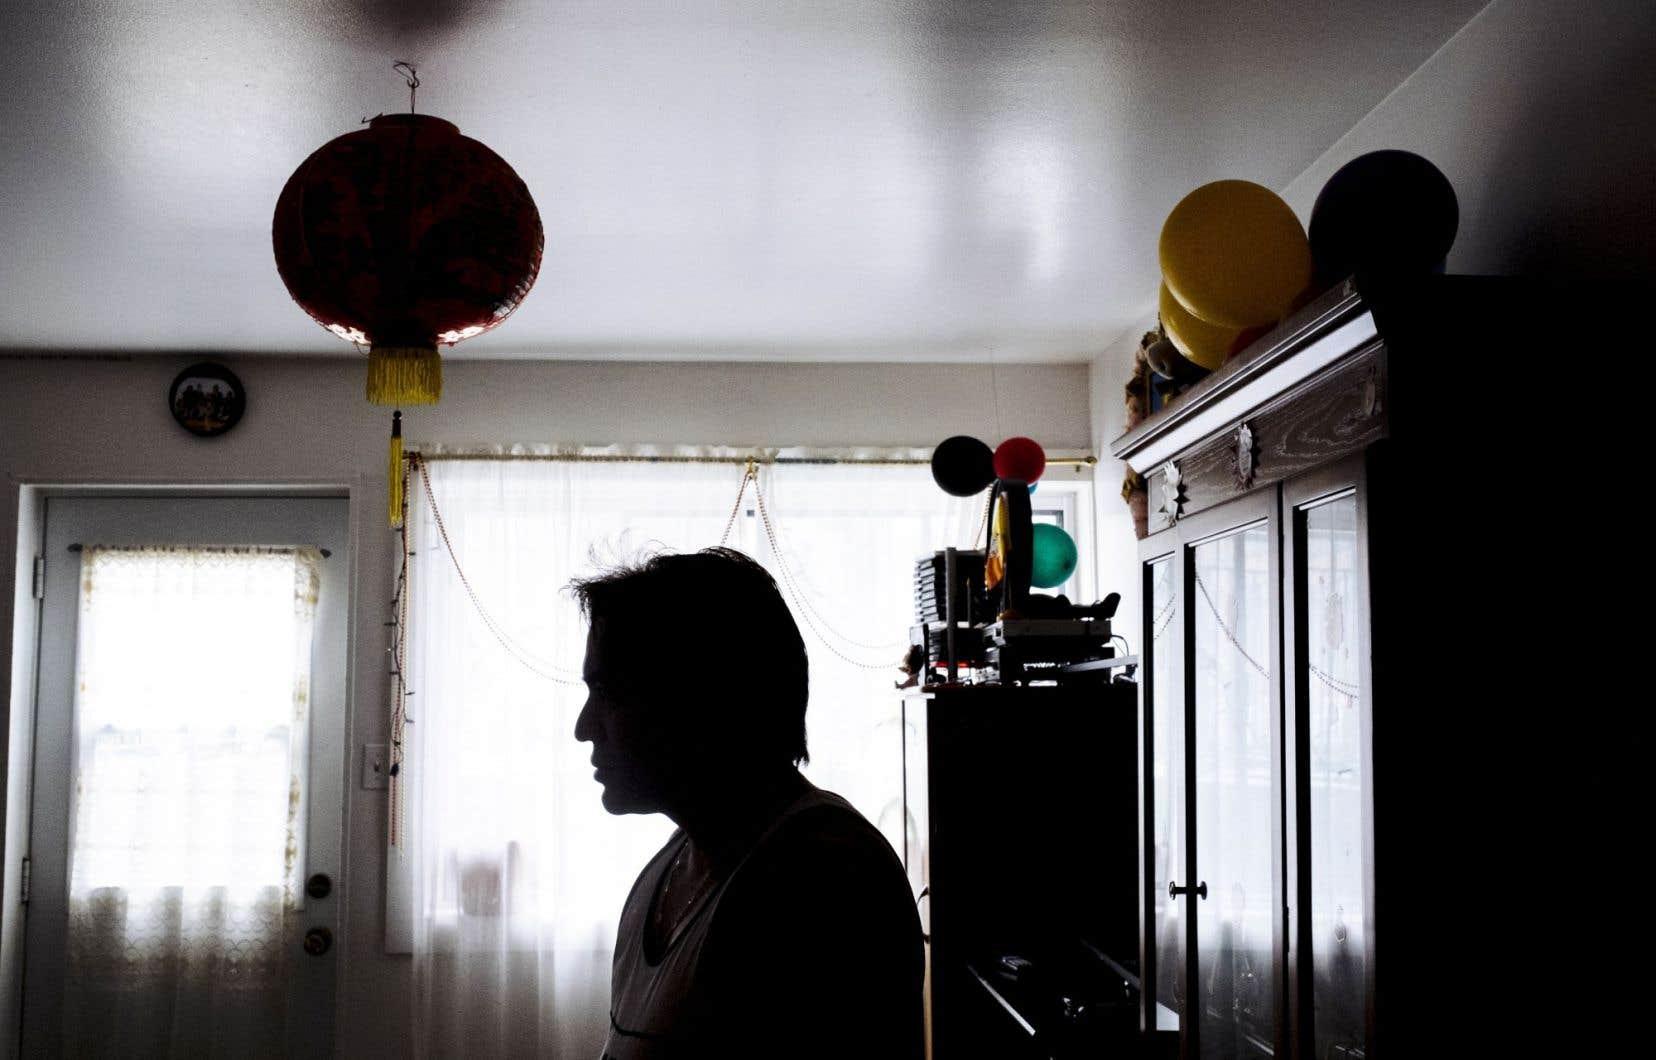 Les réfugiés de la ville de Québec sont actuellement logés dans un motel jusqu'à ce qu'ils puissent s'installer dans un appartement.